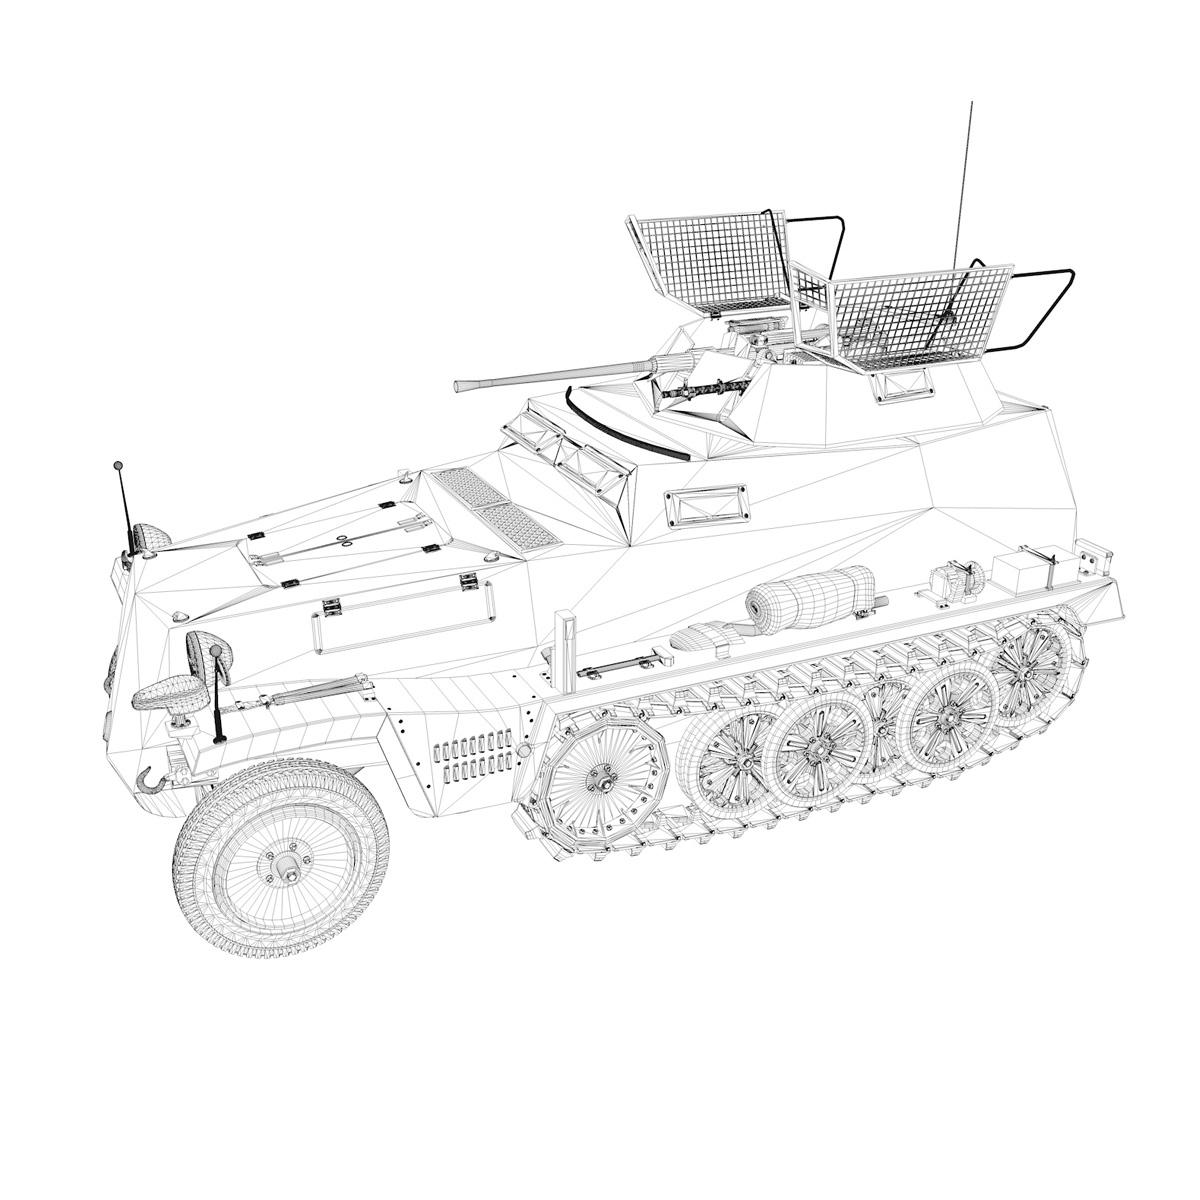 SD.KFZ 250 - Reconnaissance Halftruck - 23 PzDiv 3d model 3ds fbx c4d lwo lws lw obj 273101